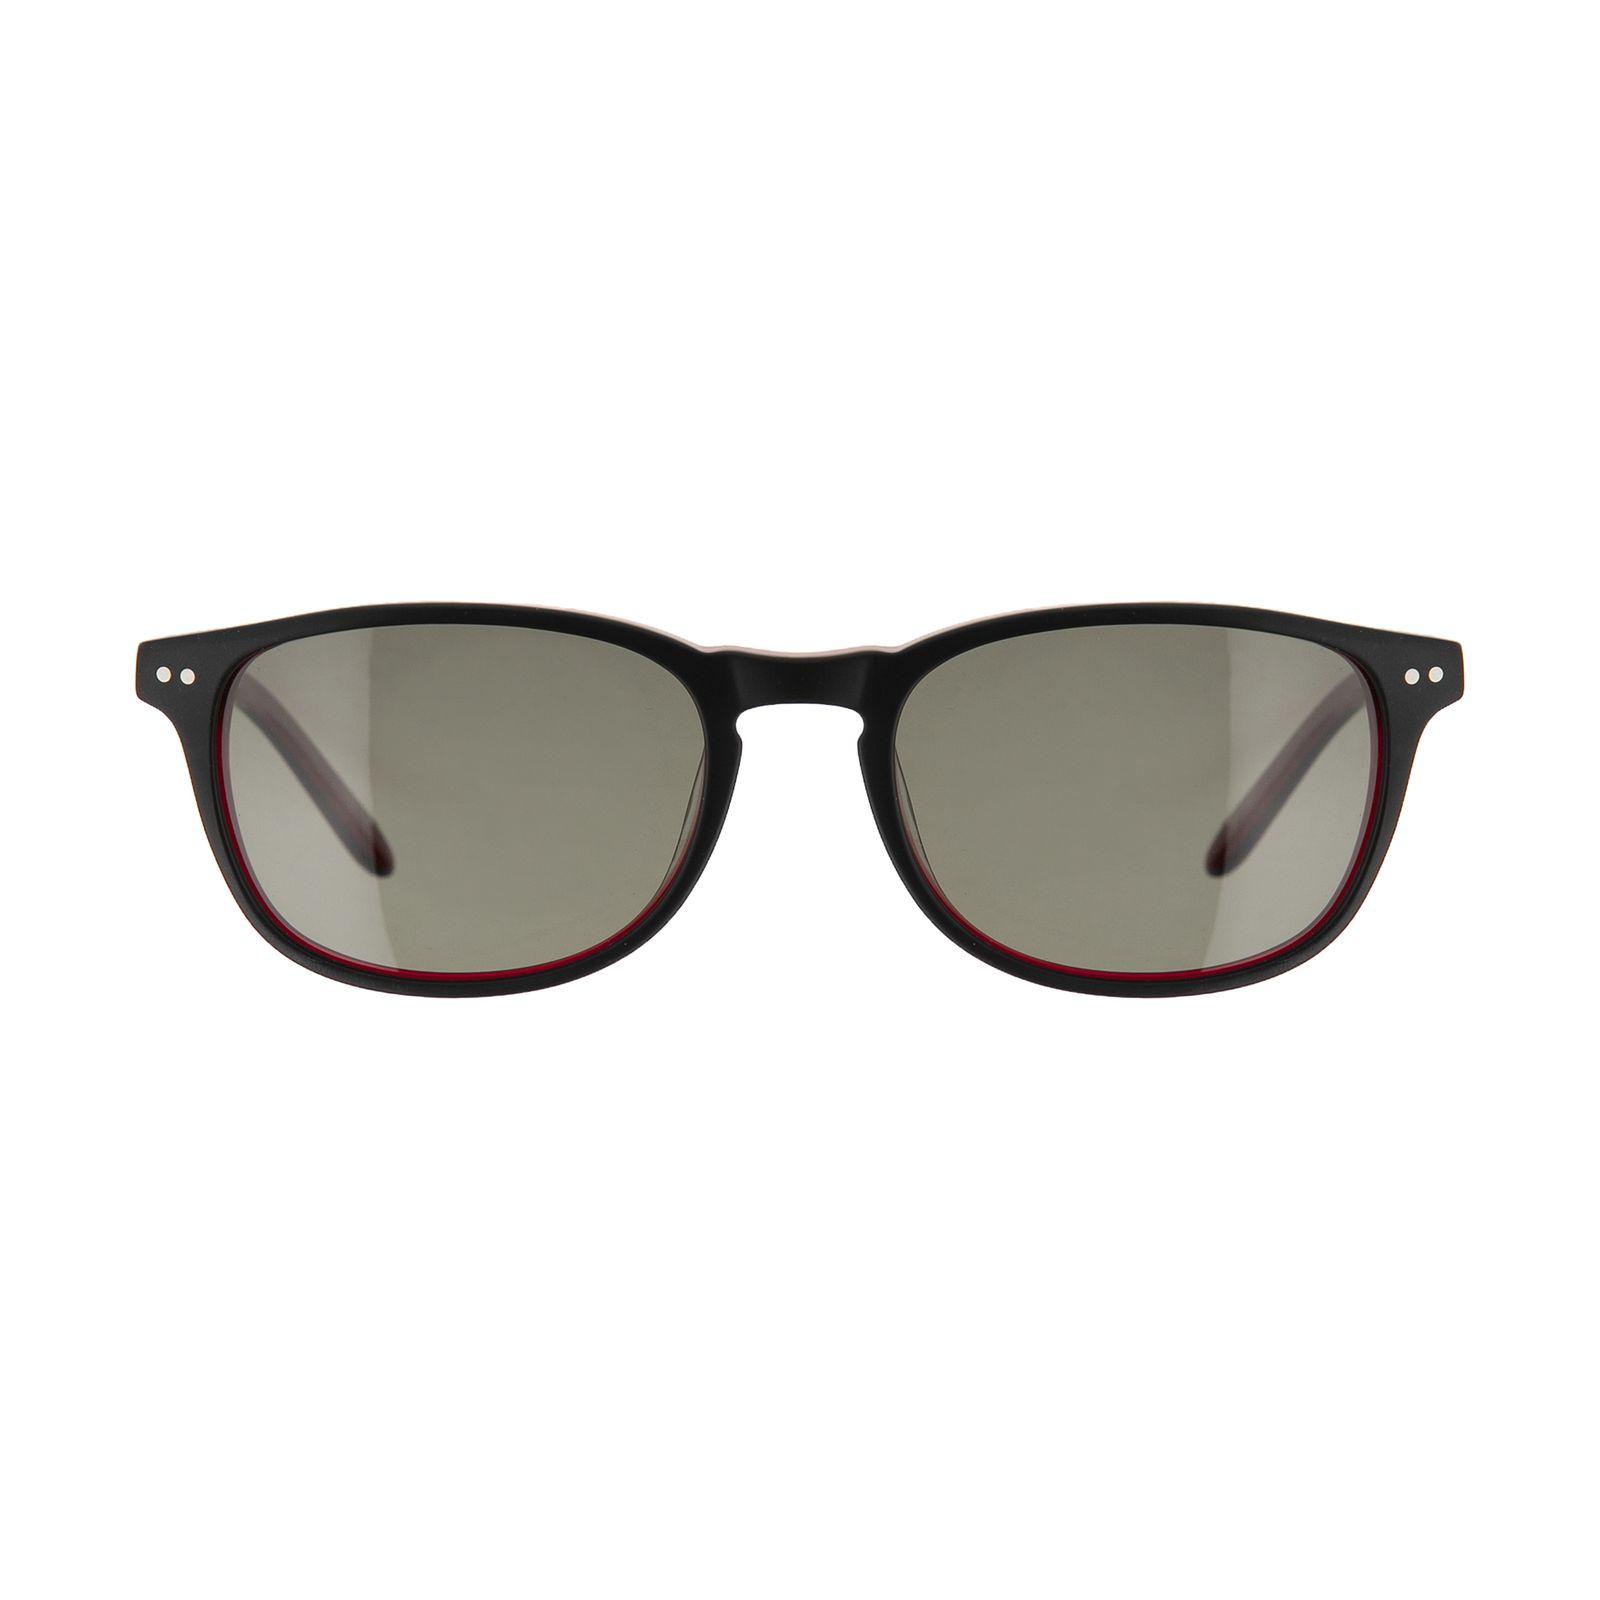 عینک آفتابی مردانه ویستان مدل 7397002 -  - 2